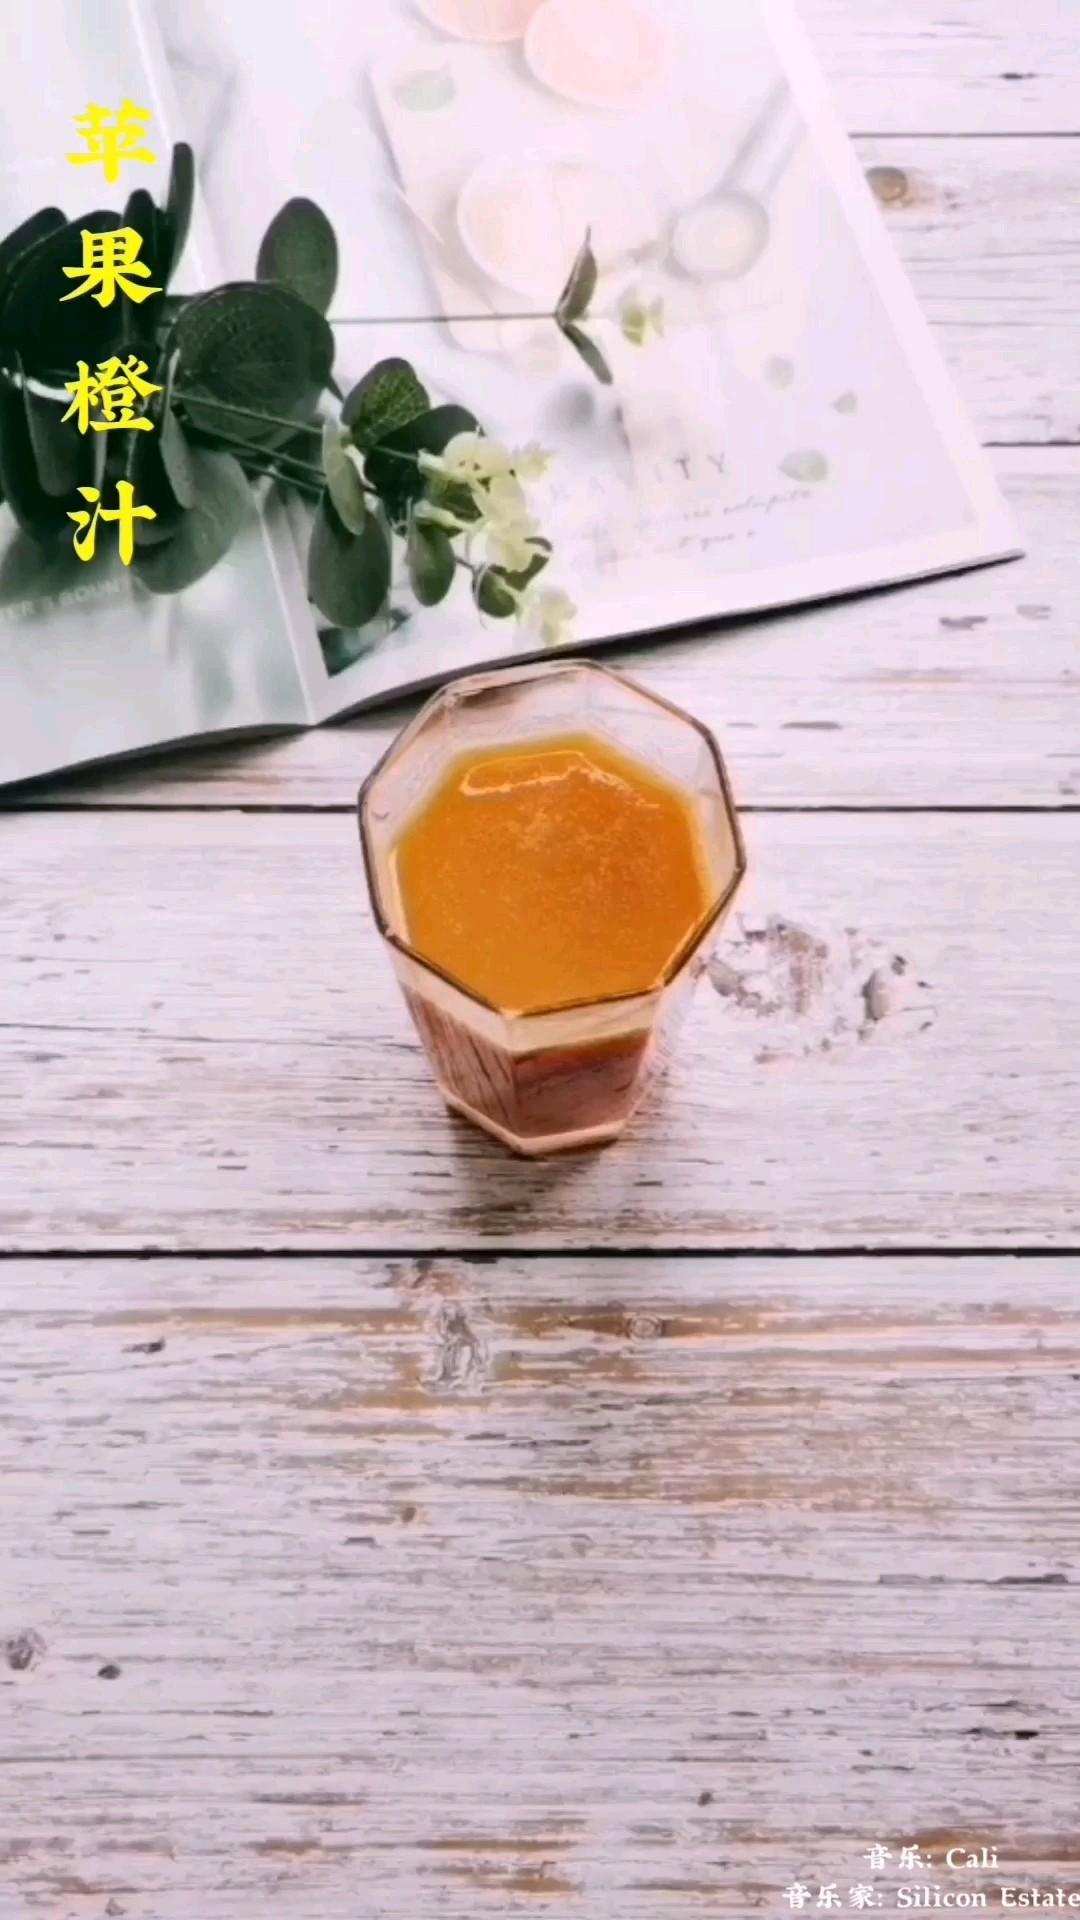 做法简单的好喝果汁,补充满满维生素的做法